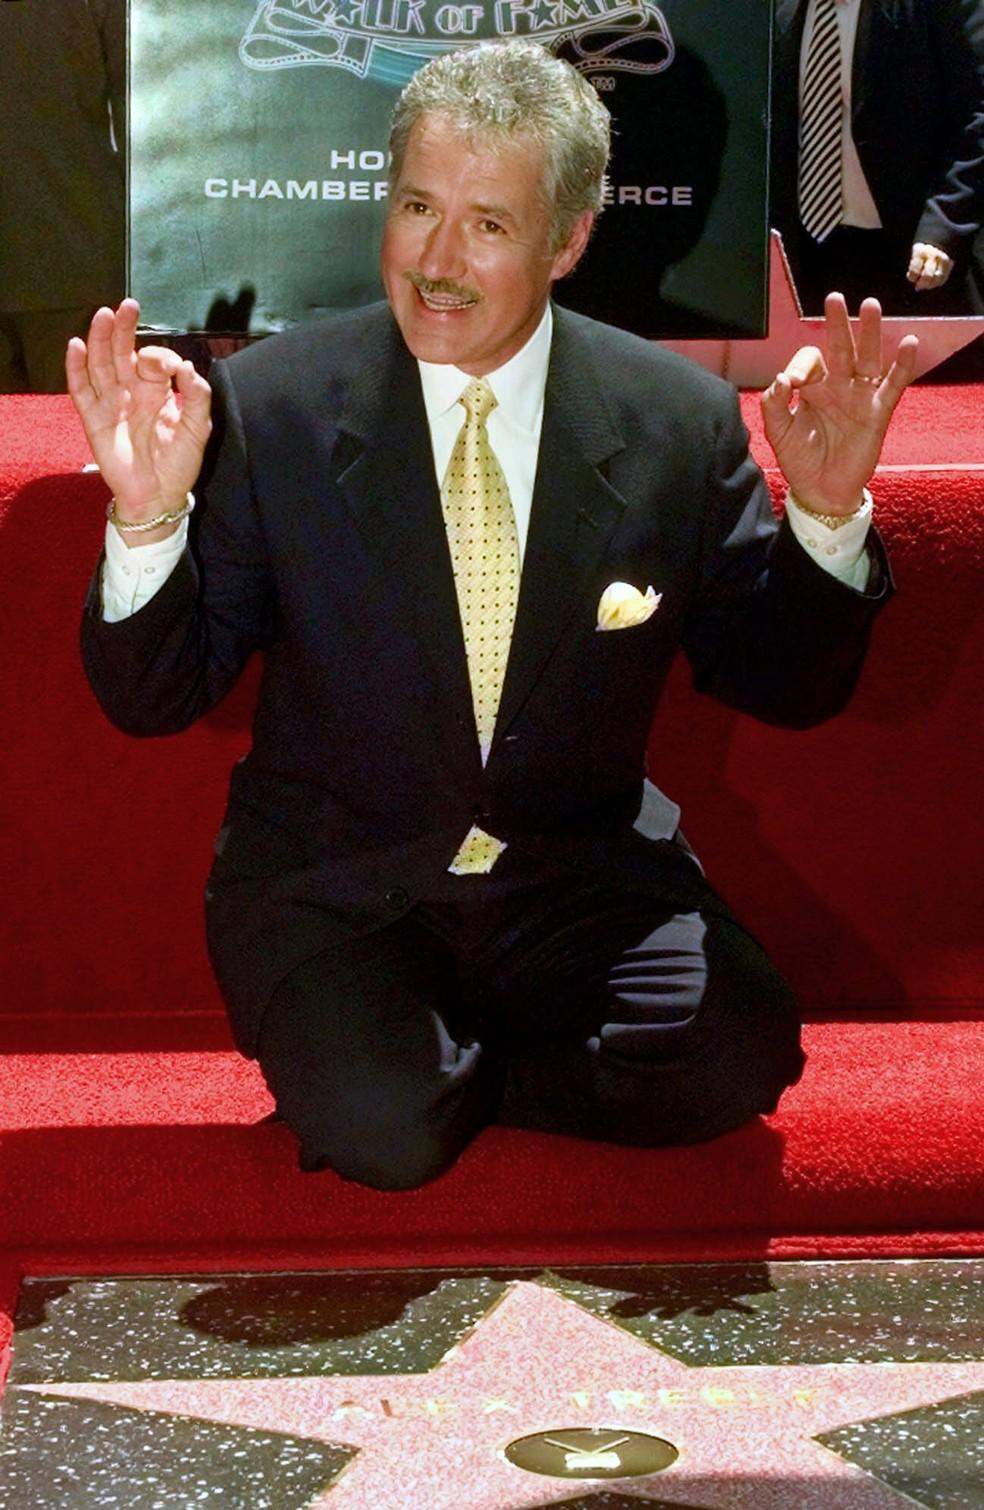 Foto de arquivo de maio de 1999 mostra o apresentador Alex Trebek durante a chegada de sua estrela na Calçada da Fama de Hollywood, em Los Angeles   — Foto: Nick Ut/AP/Arquivo